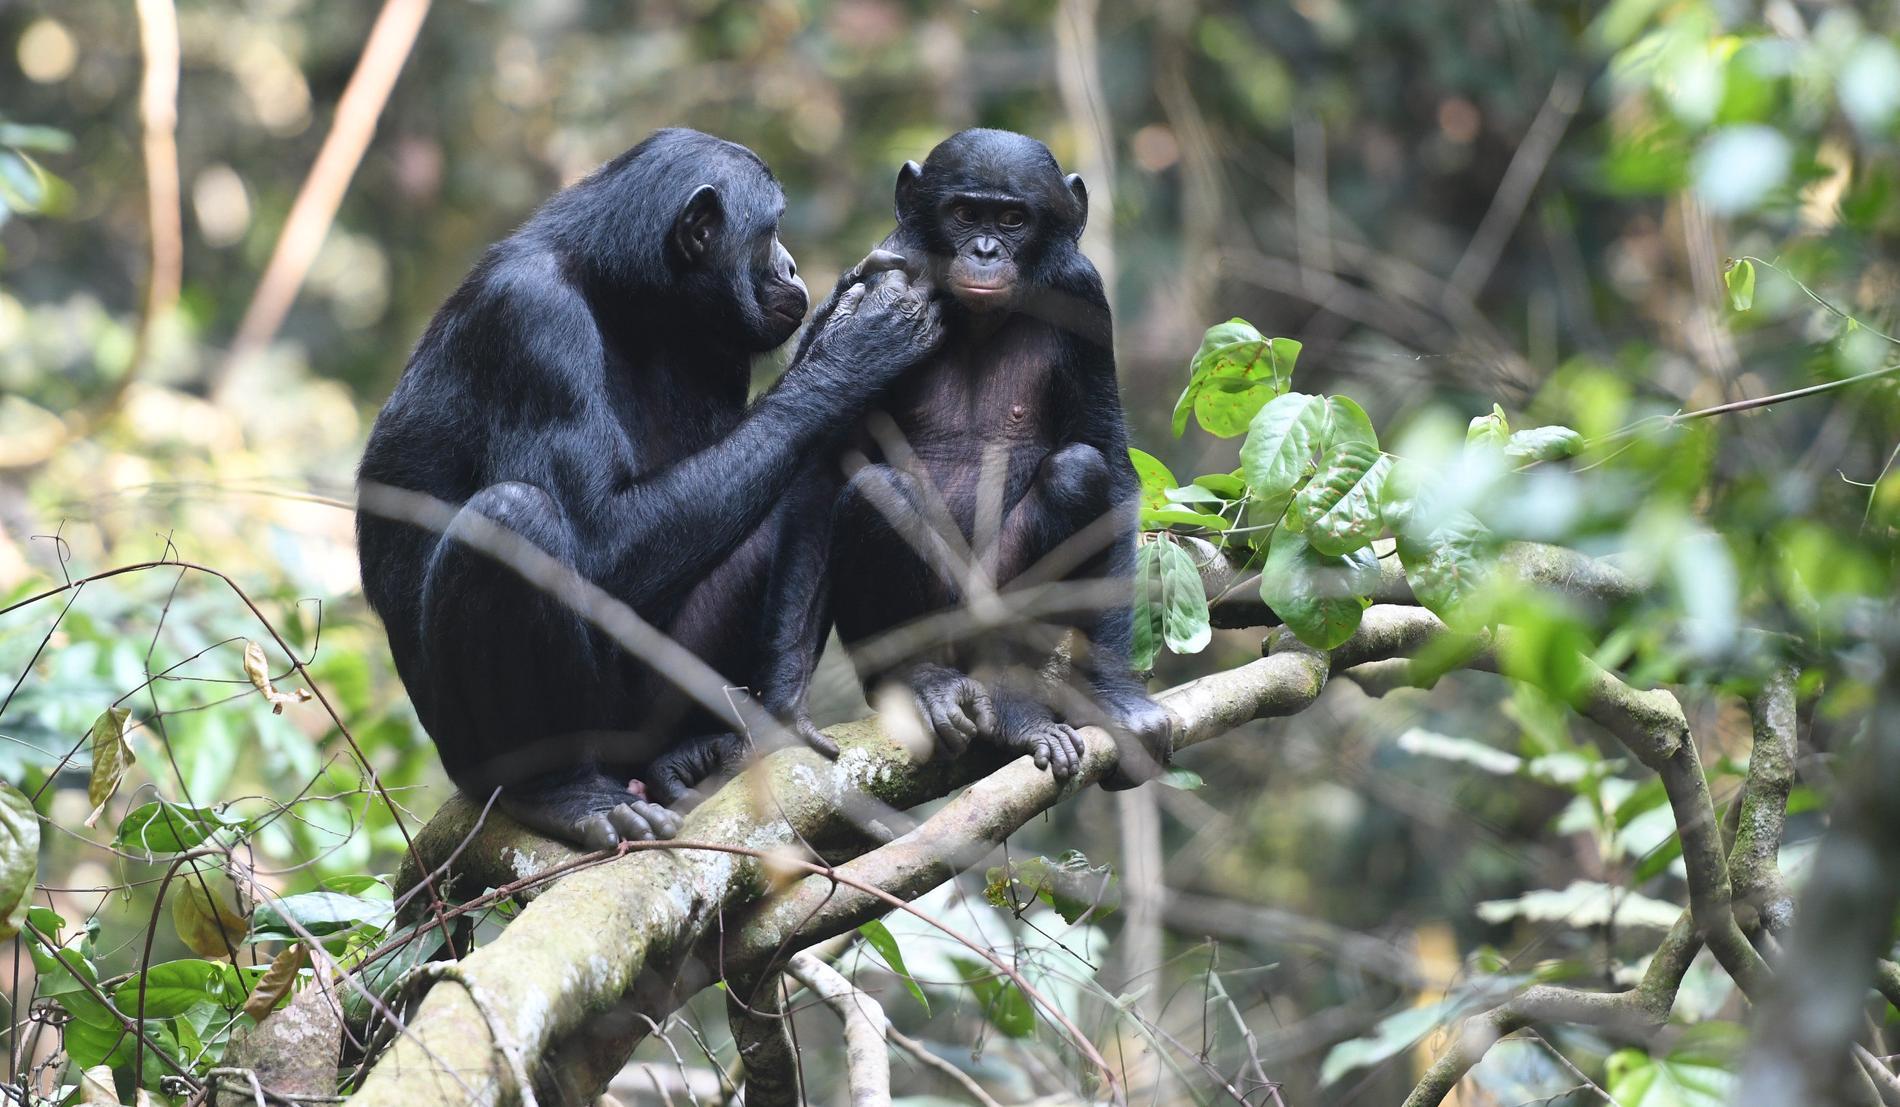 Mammorna till unga dvärgschimpanser gör allt för att deras söner ska få para sig. På så sätt tredubblas sannolikheten för att de ska få barnbarn.